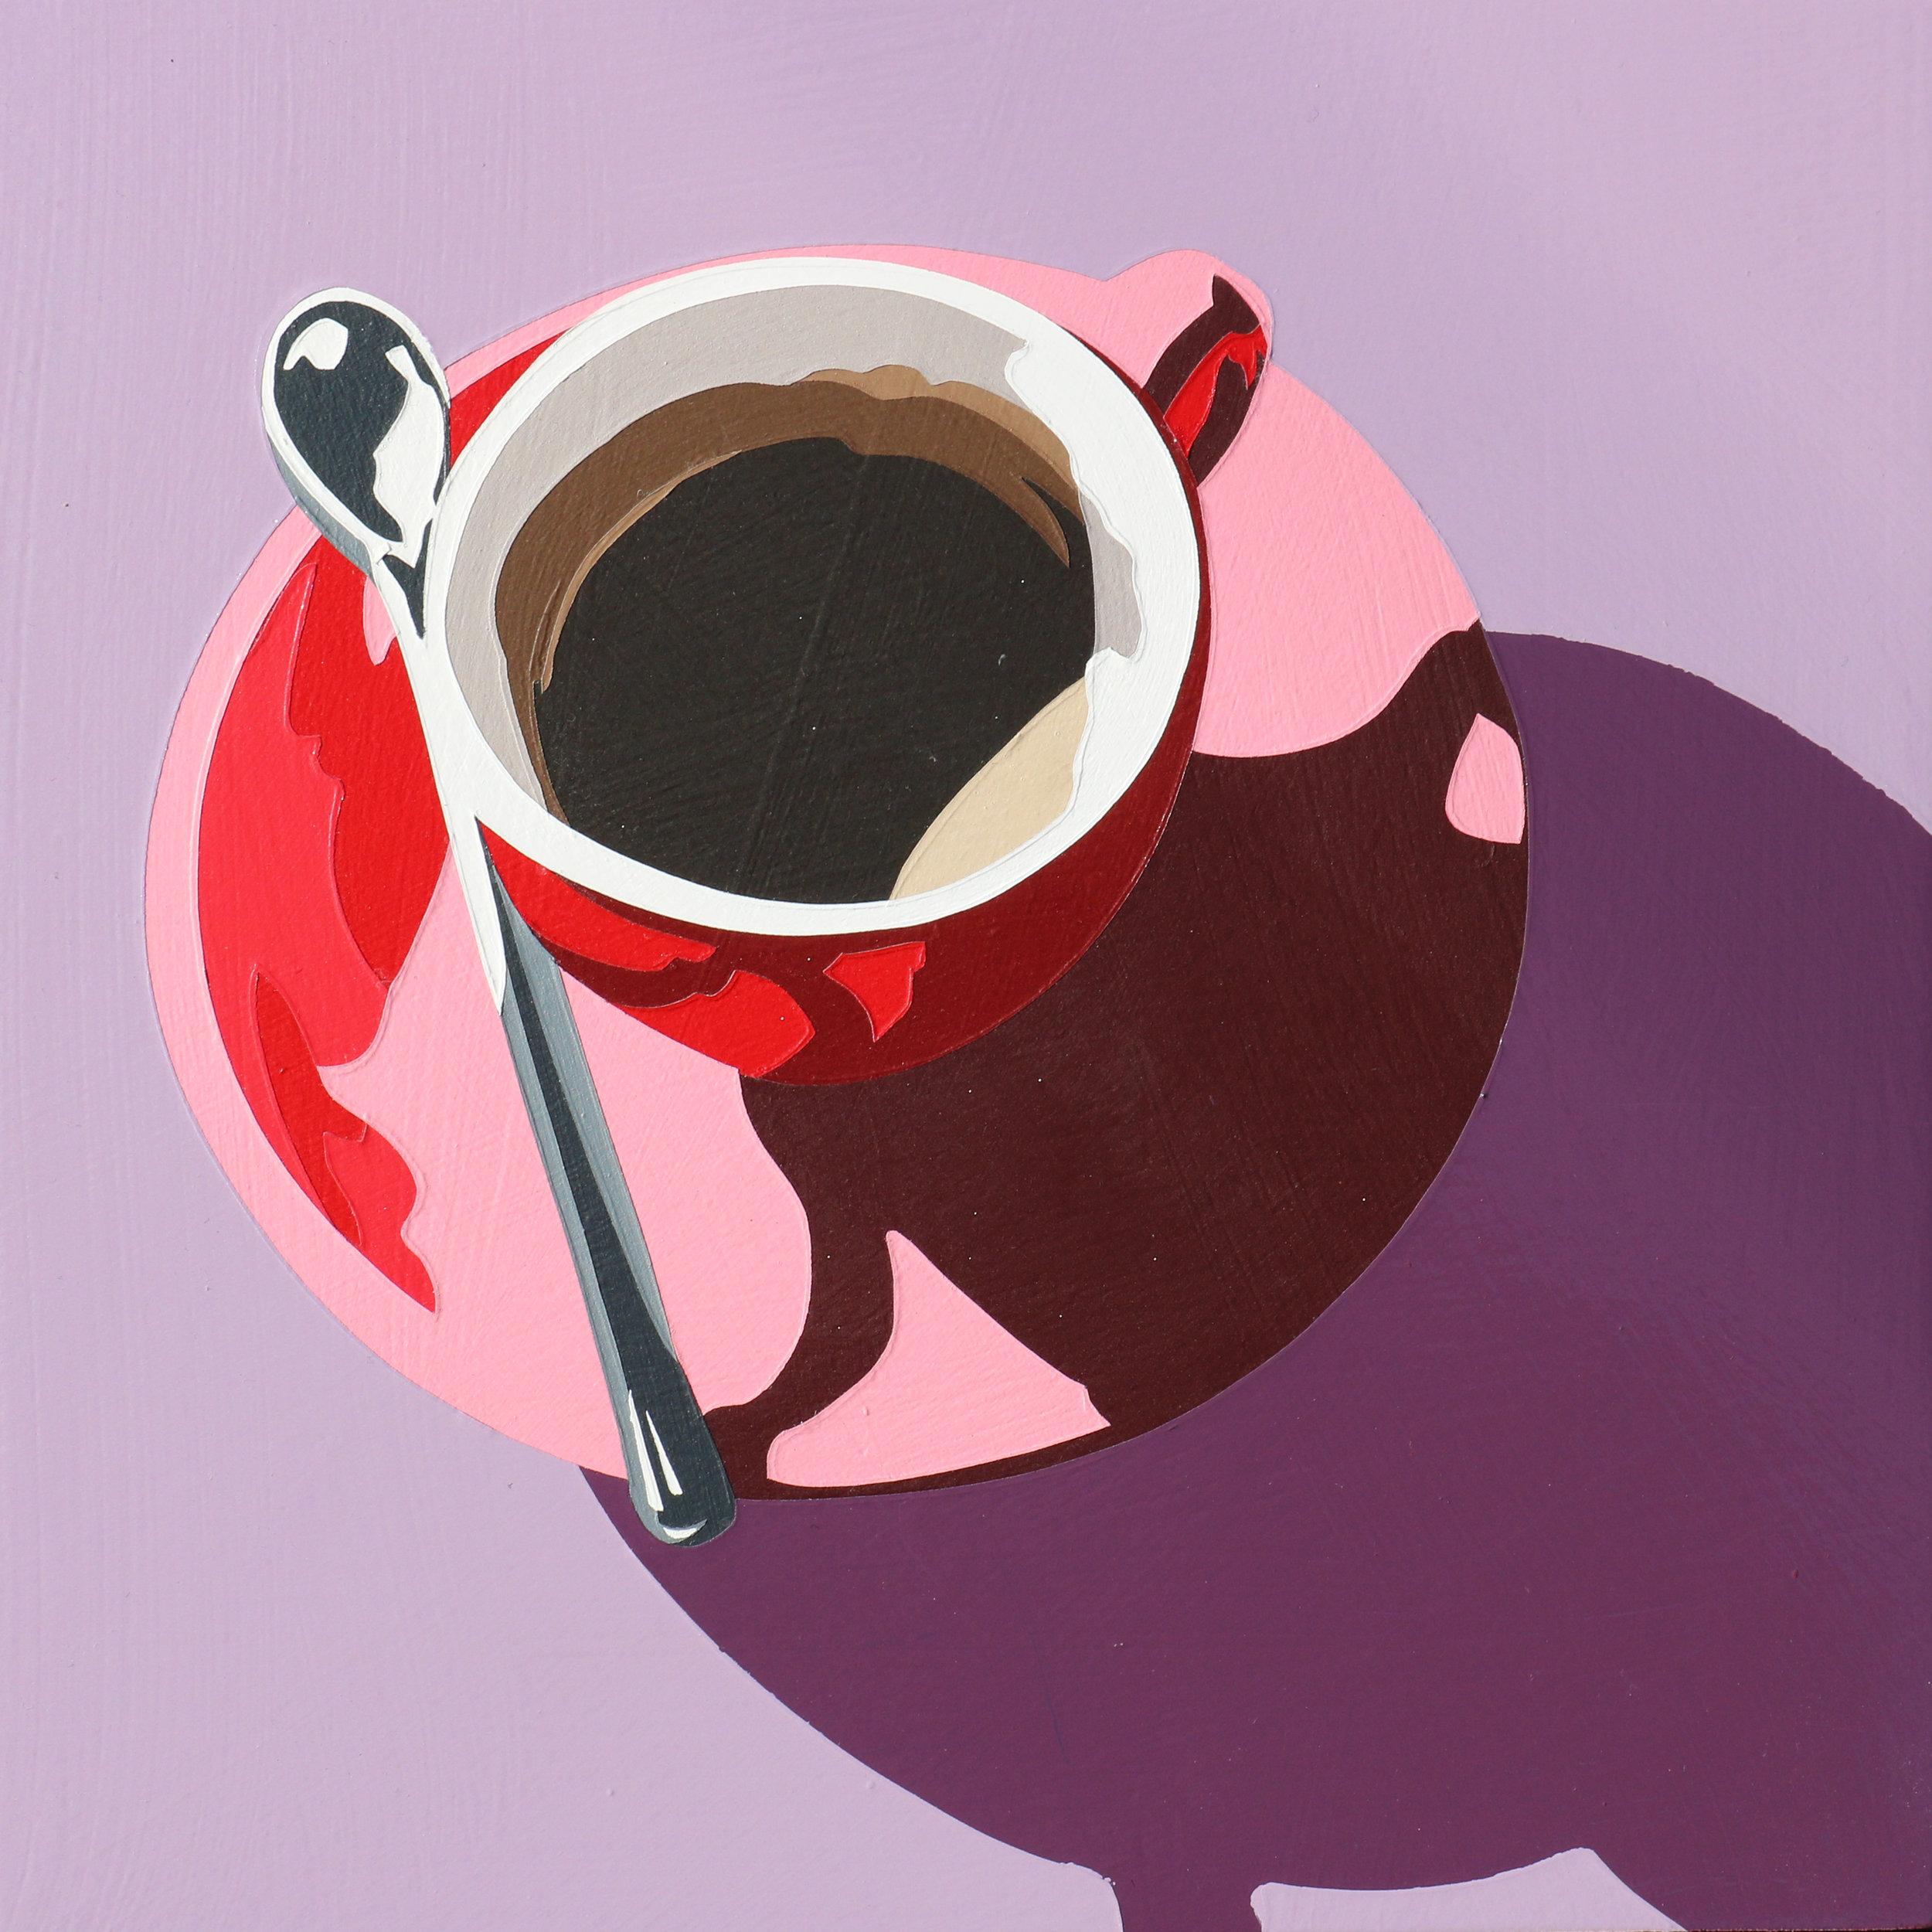 purples_cup_2.jpg